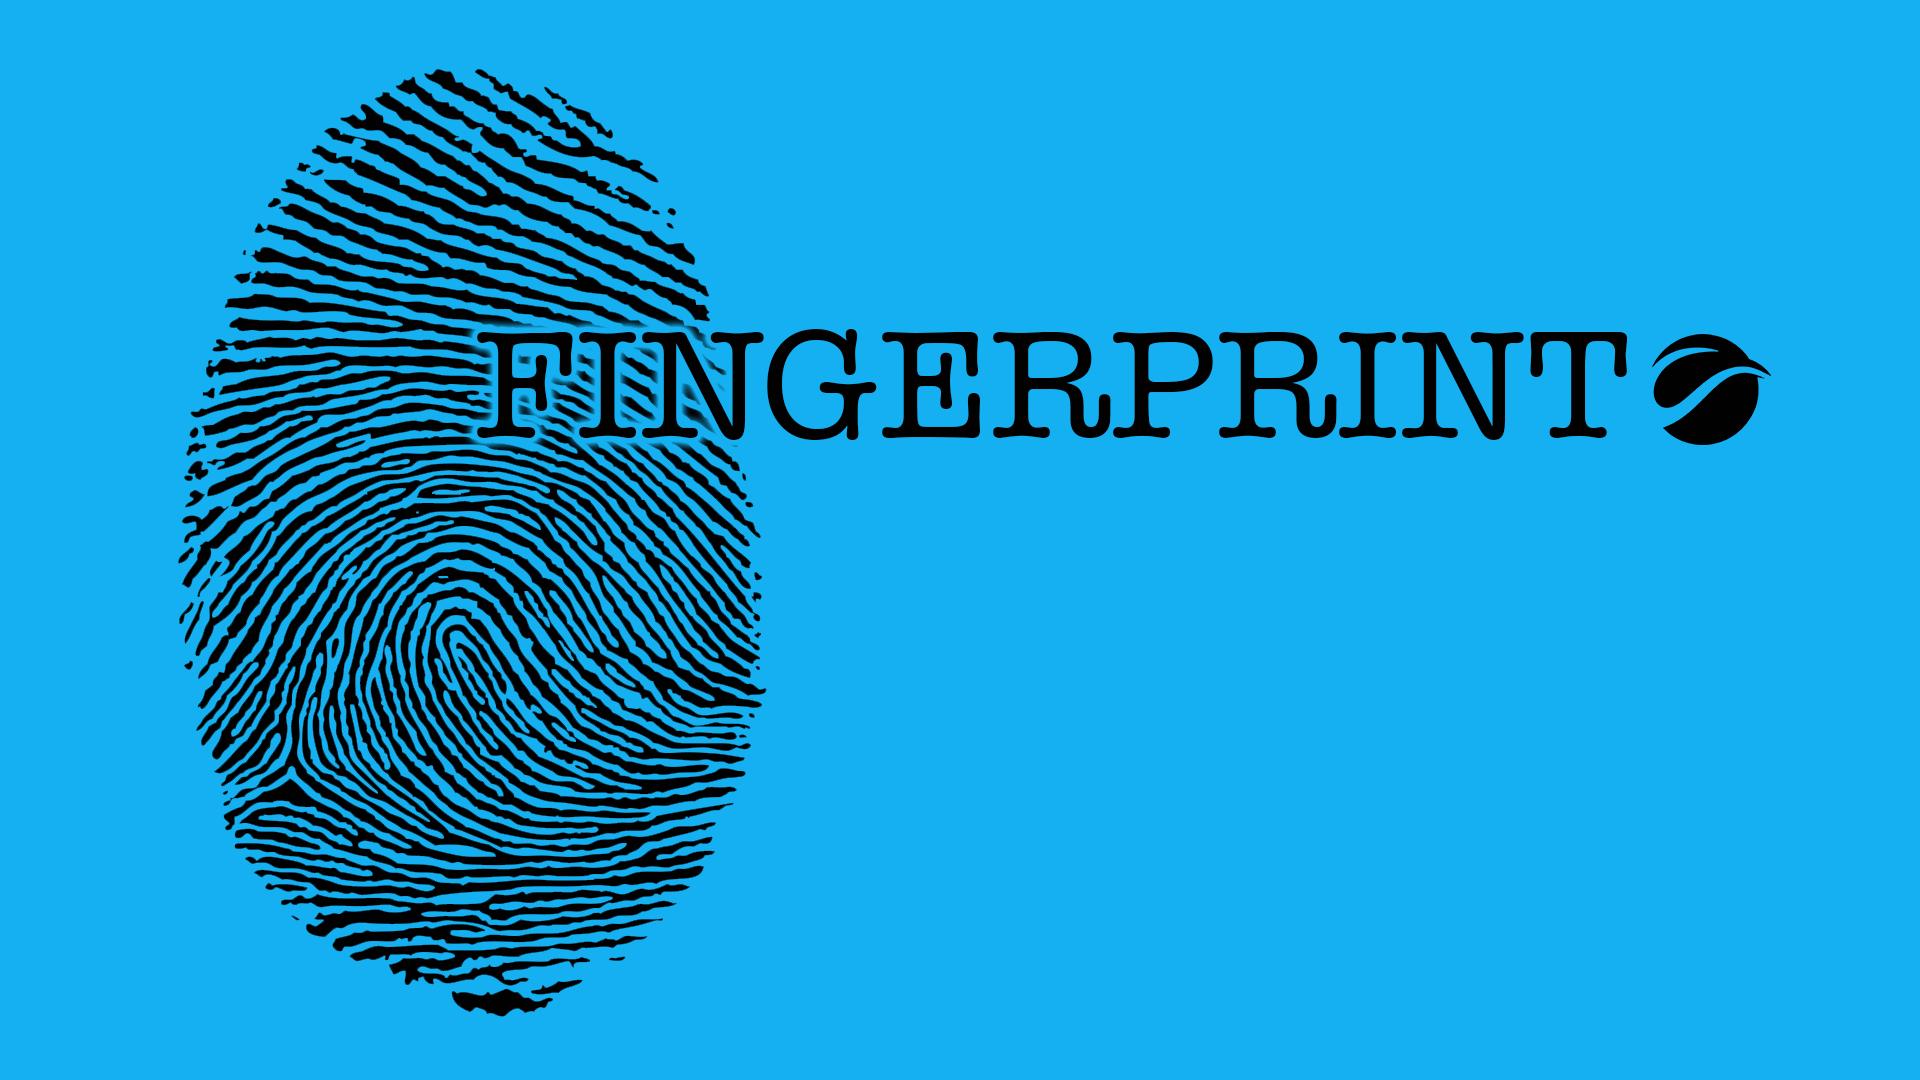 Fingerprint Logo.jpg